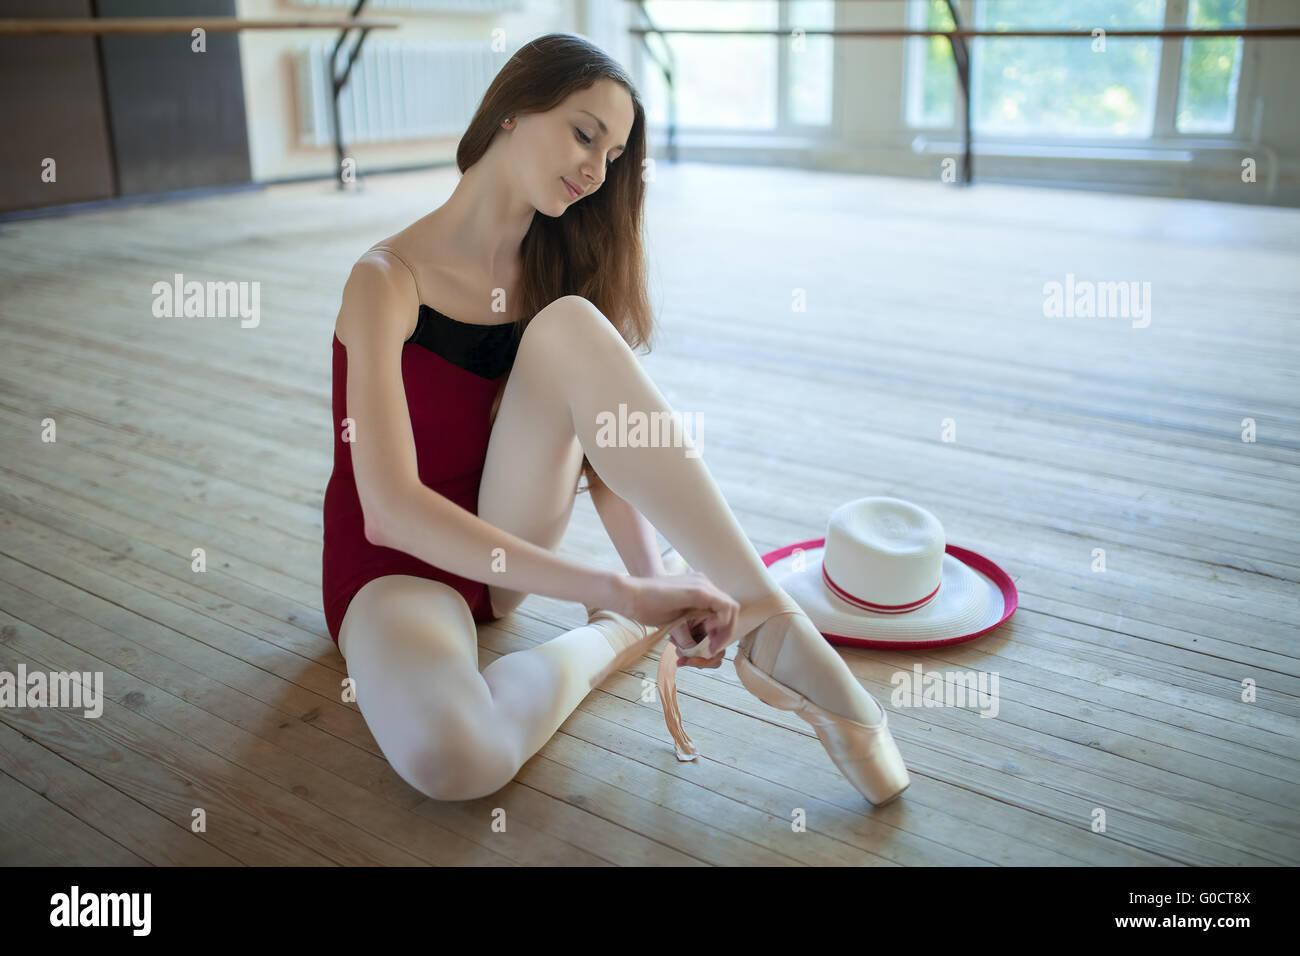 Jeune ballerine danse assis sur le sol doucement tyin en classe Photo Stock